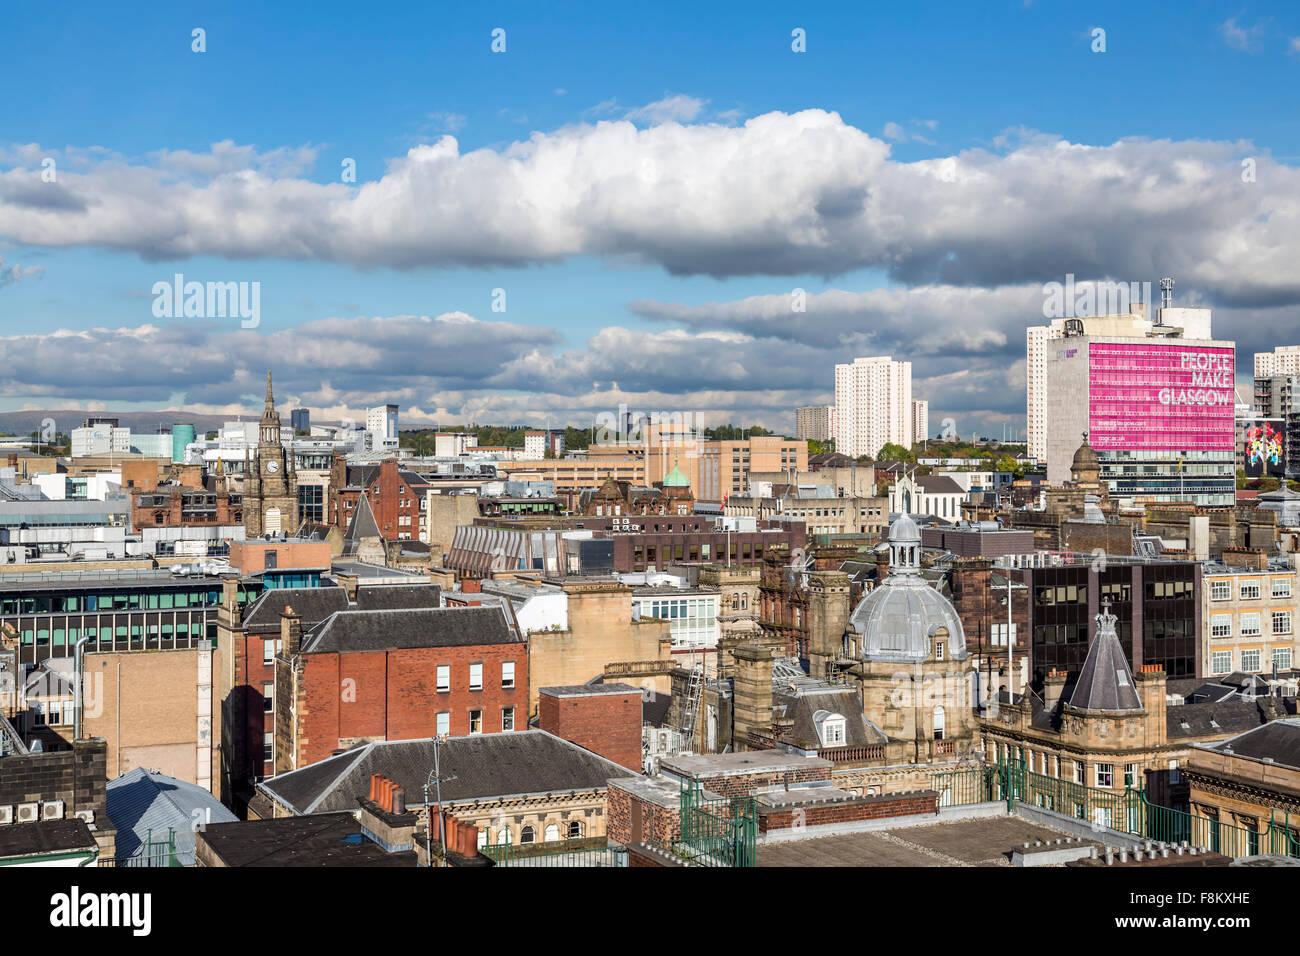 Blick auf den Nordosten über das Stadtzentrum von Glasgow vom Lighthouse Tower, Schottland, Großbritannien Stockfoto